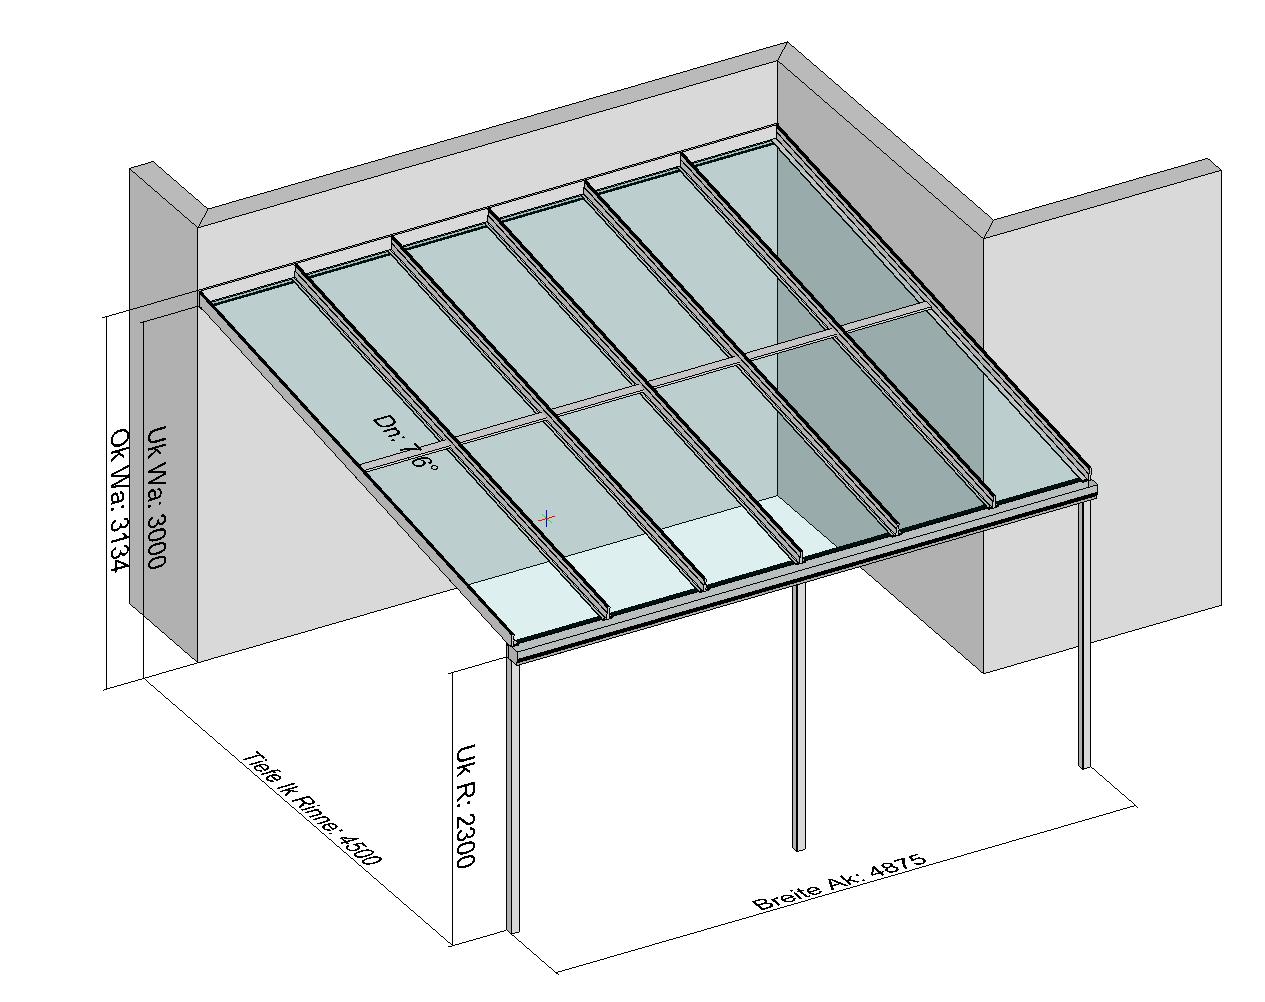 Terrassendach planung zeichnungen for Sideboard um die ecke